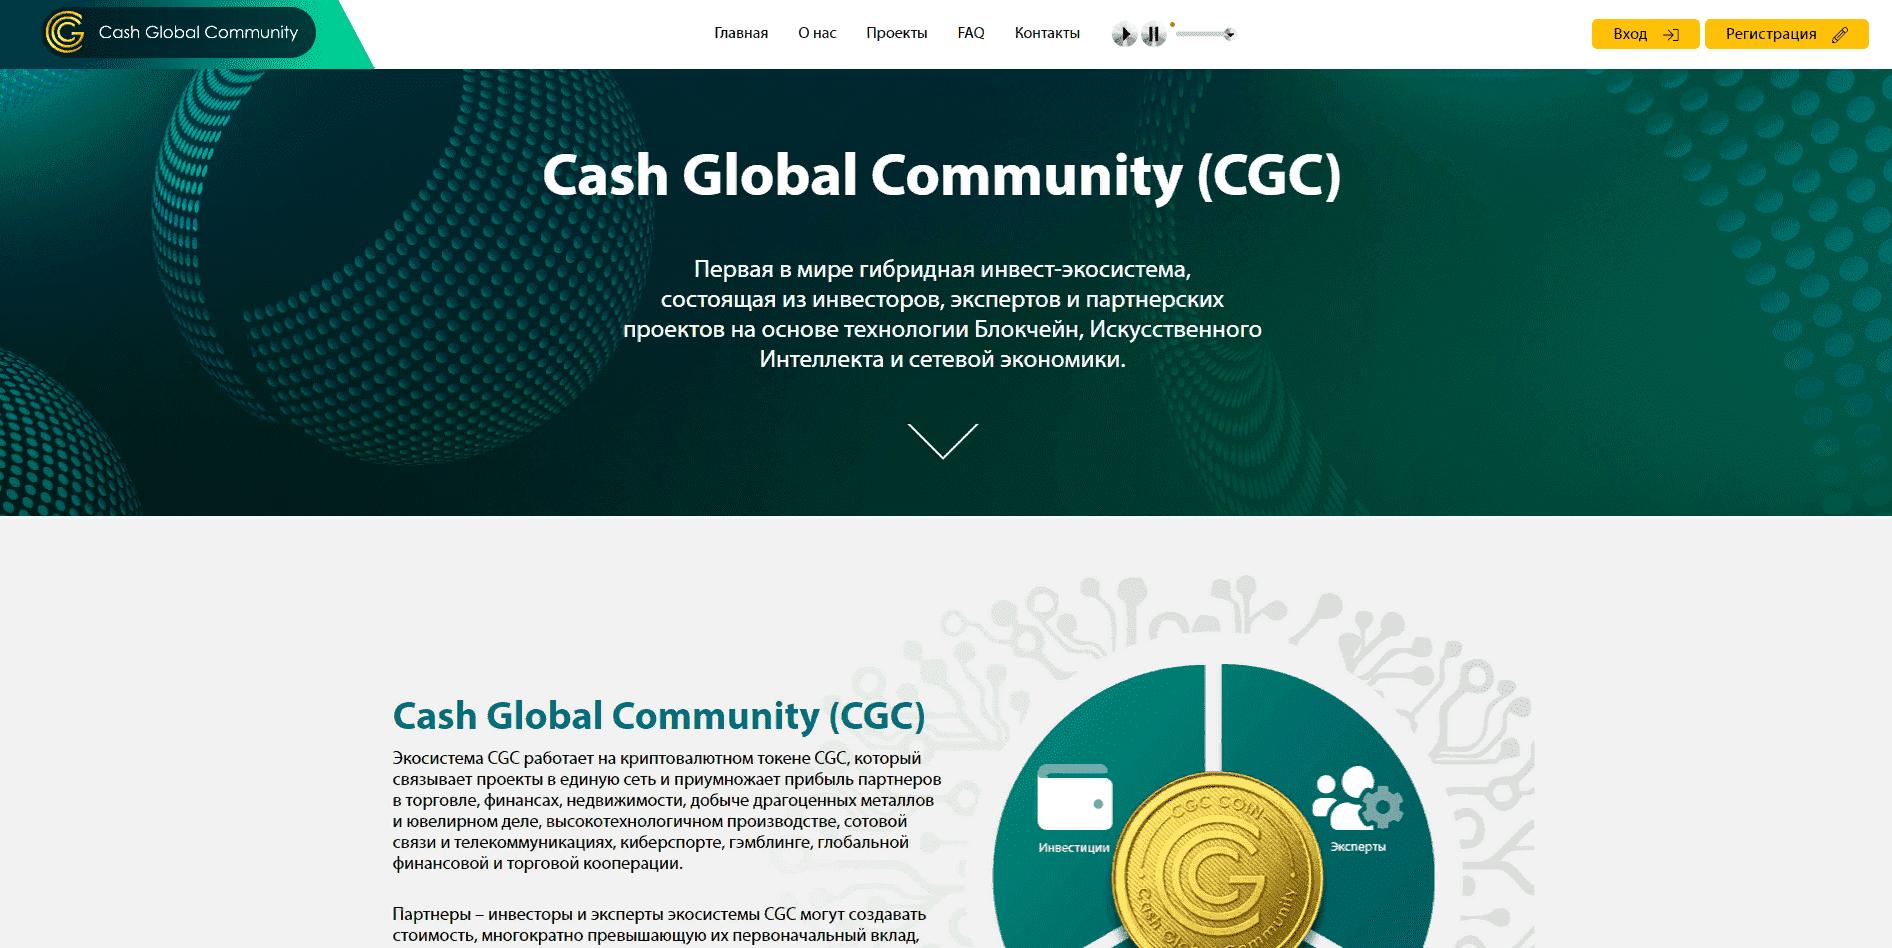 Cash Global Community